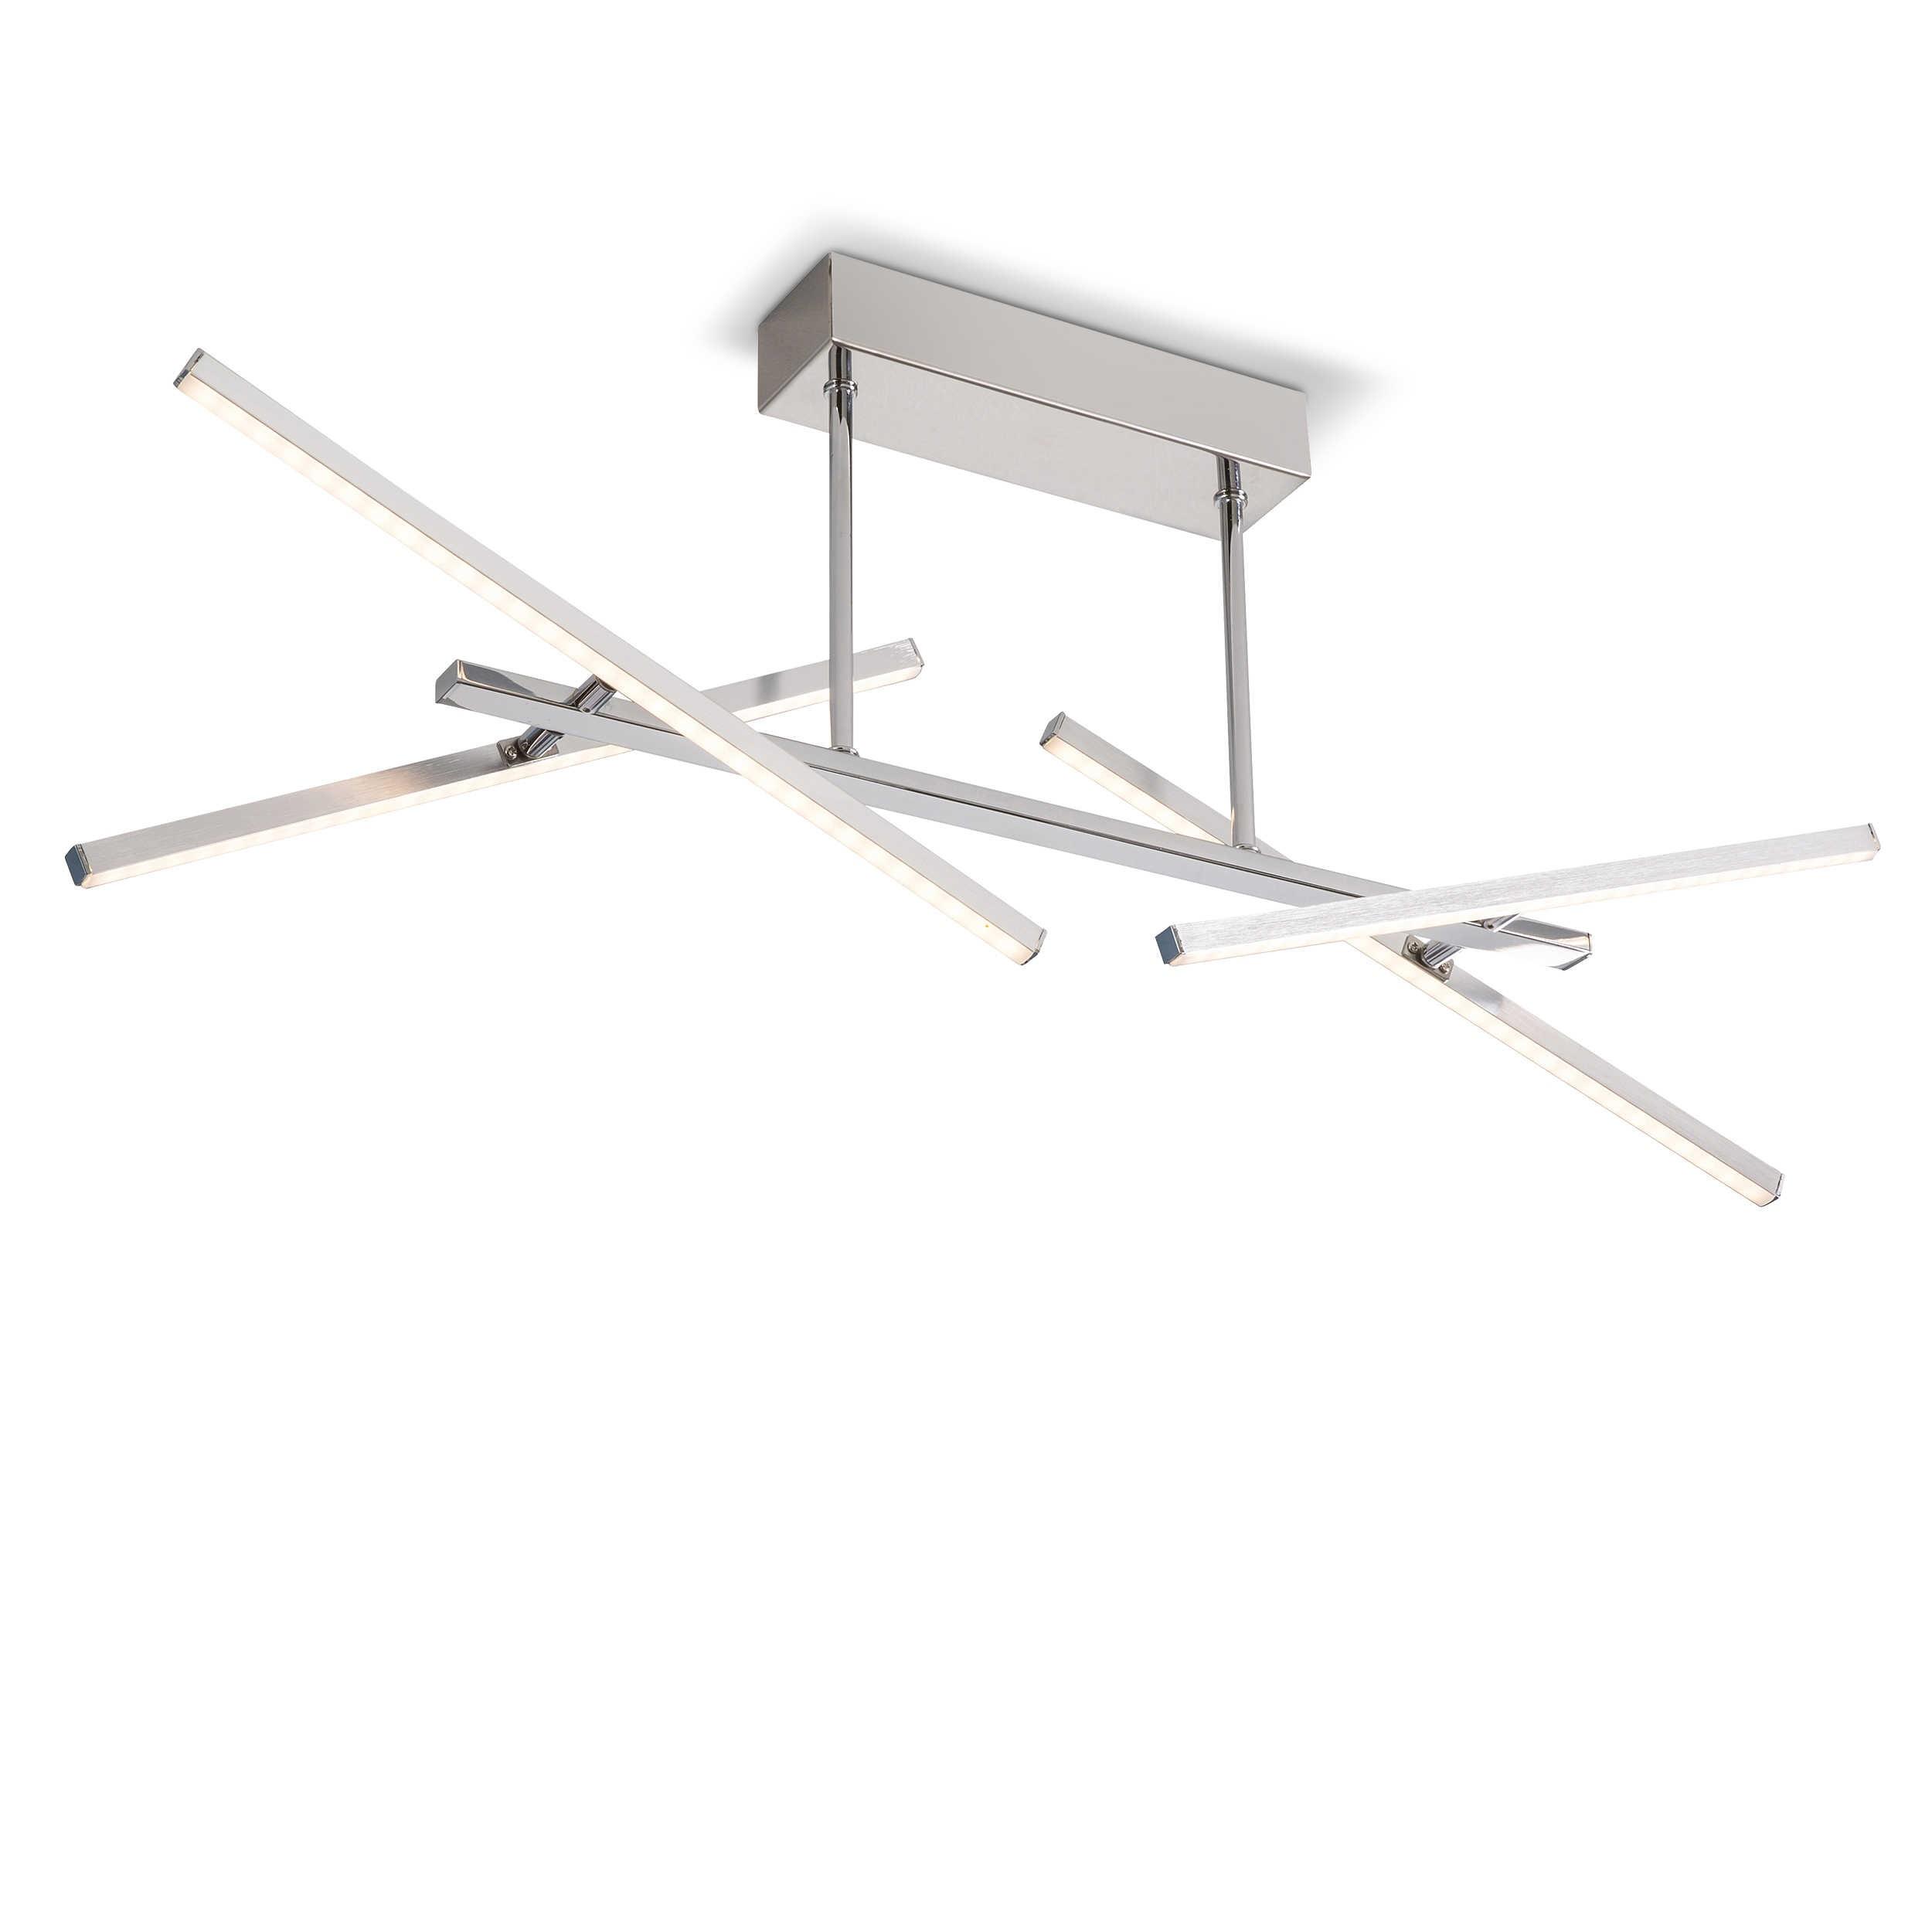 Designer Deckenleuchte Roma 30 Kaufen: DesignLive LED-Deckenleuchte Pinatubo A+ Silber Chrom,Alu